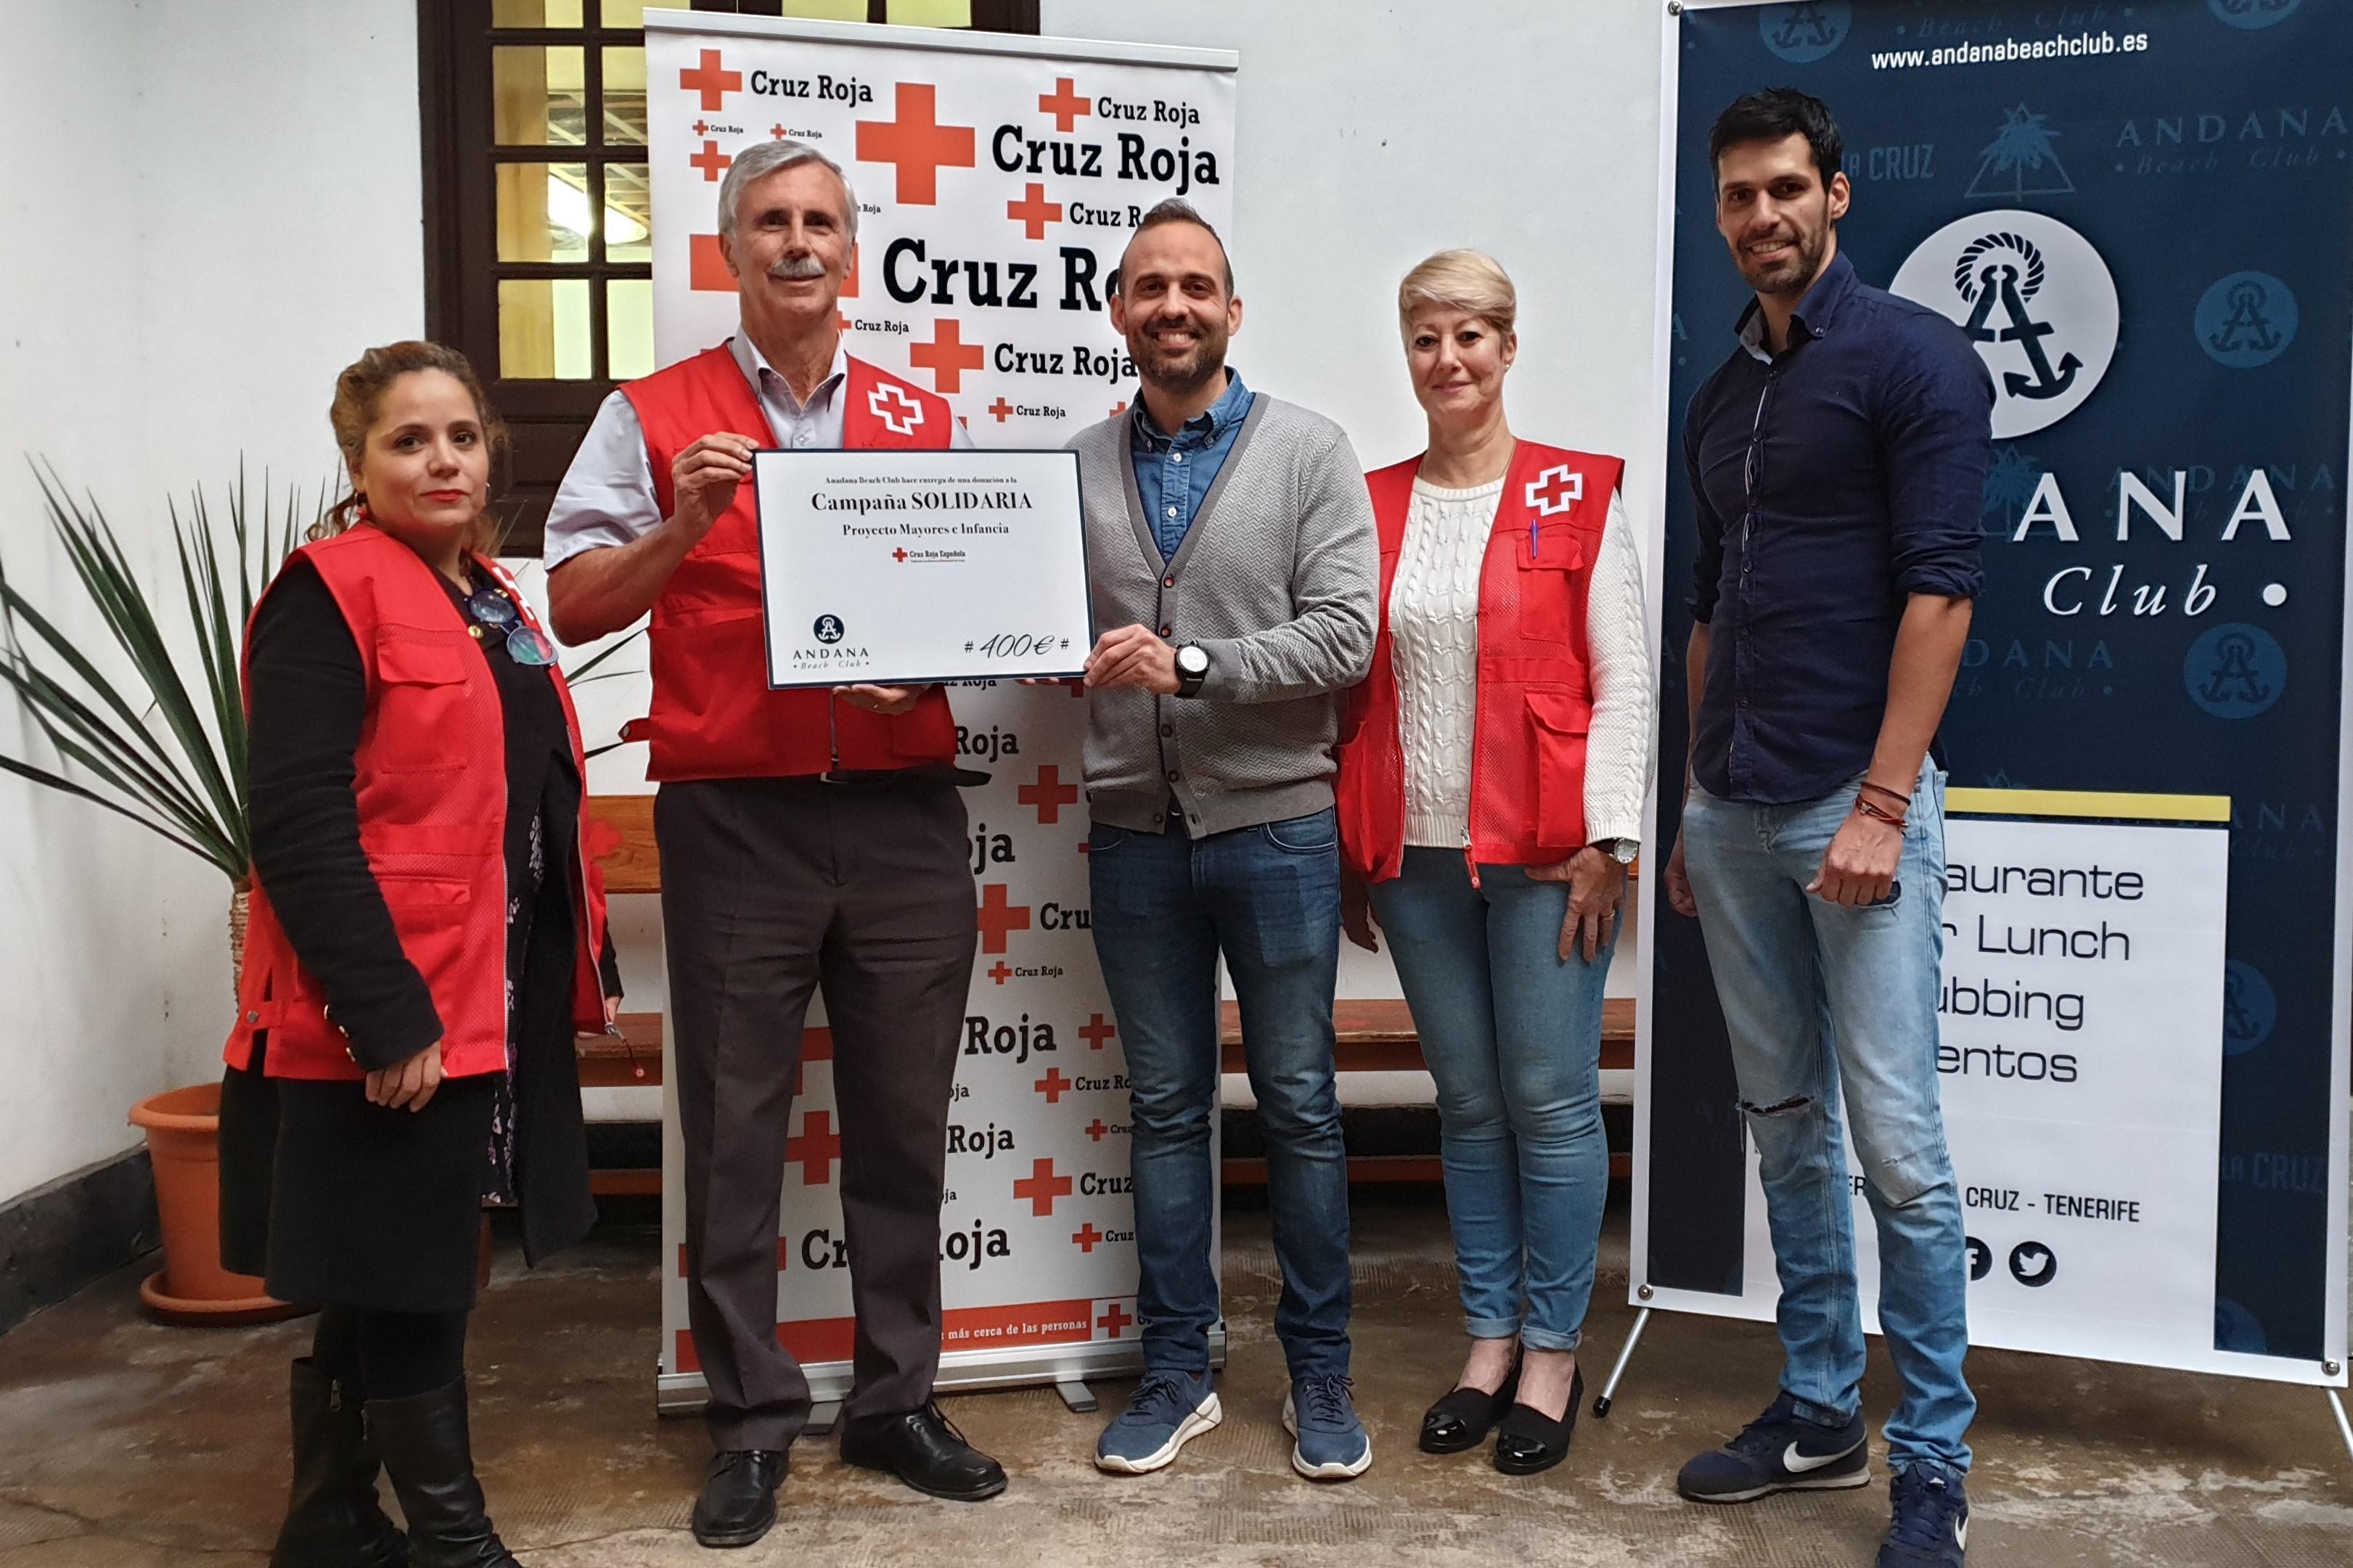 Andana Beach Club (Puerto de la Cruz), hace entrega a Cruz Roja de la recaudación de su campaña Andana Solidaria Navidades '19